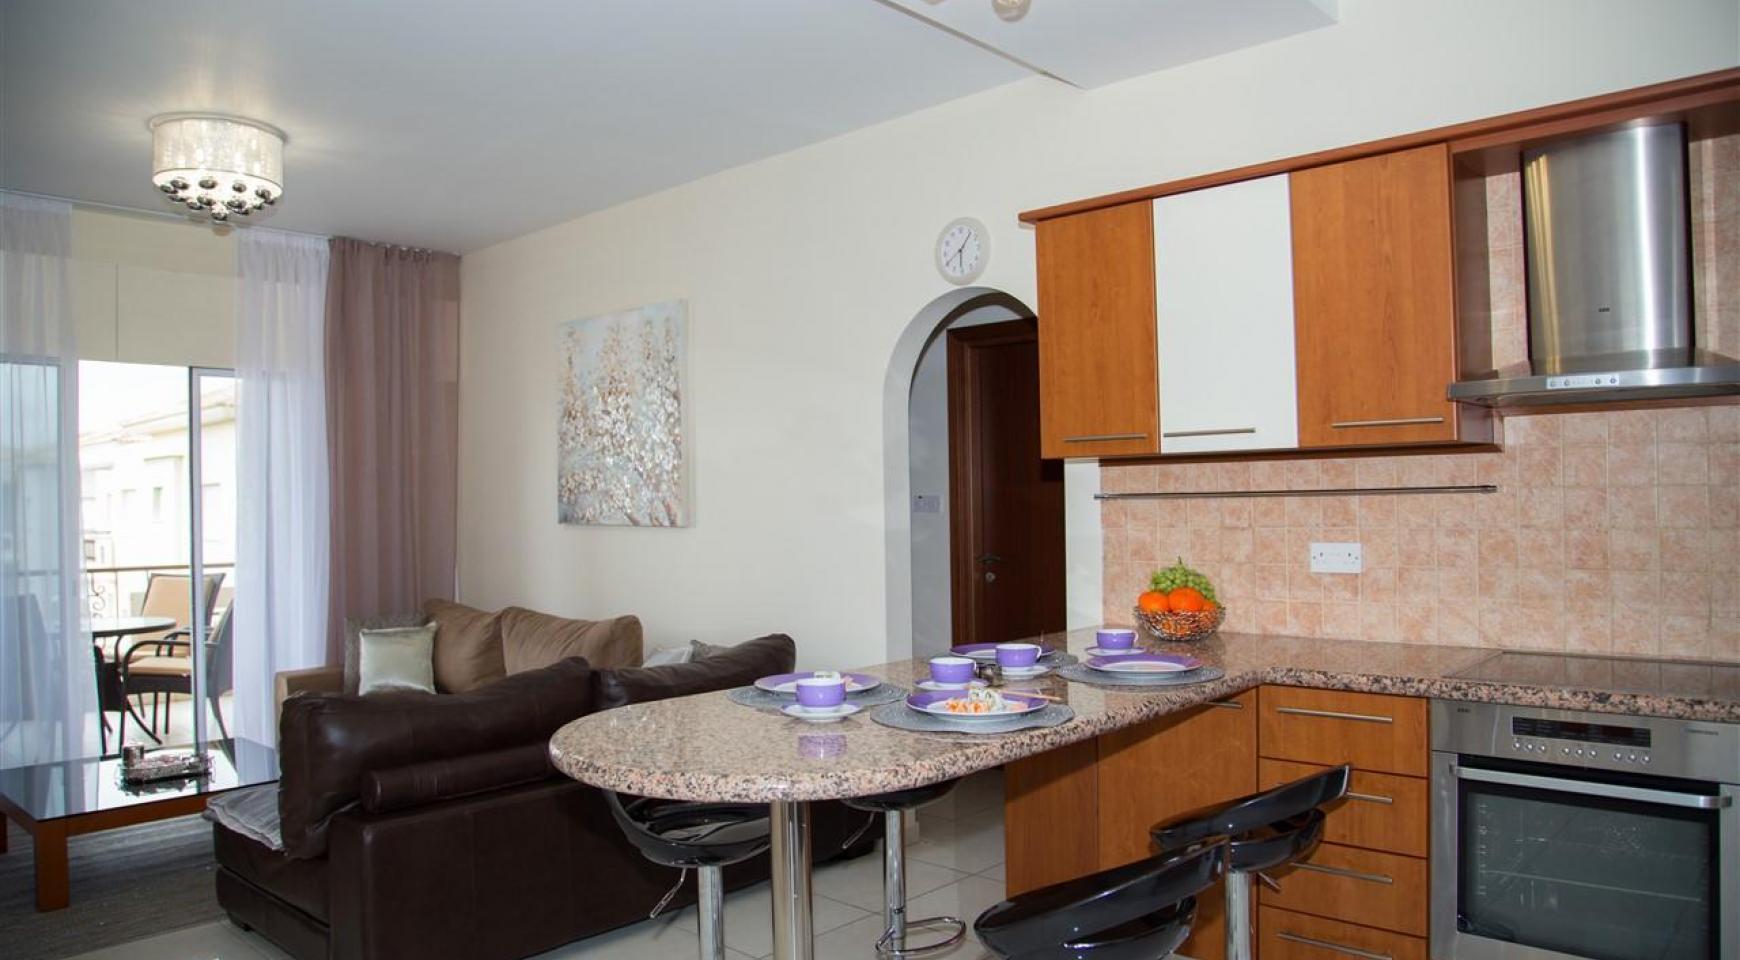 2-Спальная Квартира Mesogios Iris 304 в Комплексе у Моря - 3